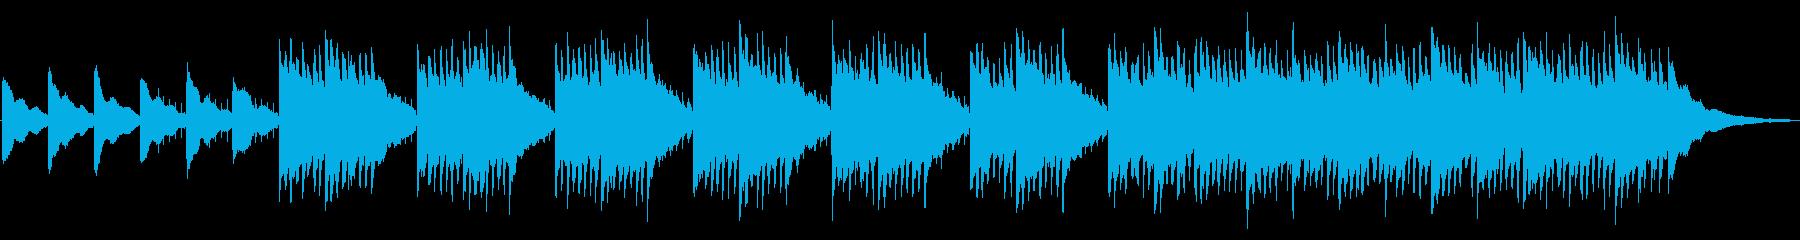 チューブラーベルでお経みたいなガムランの再生済みの波形